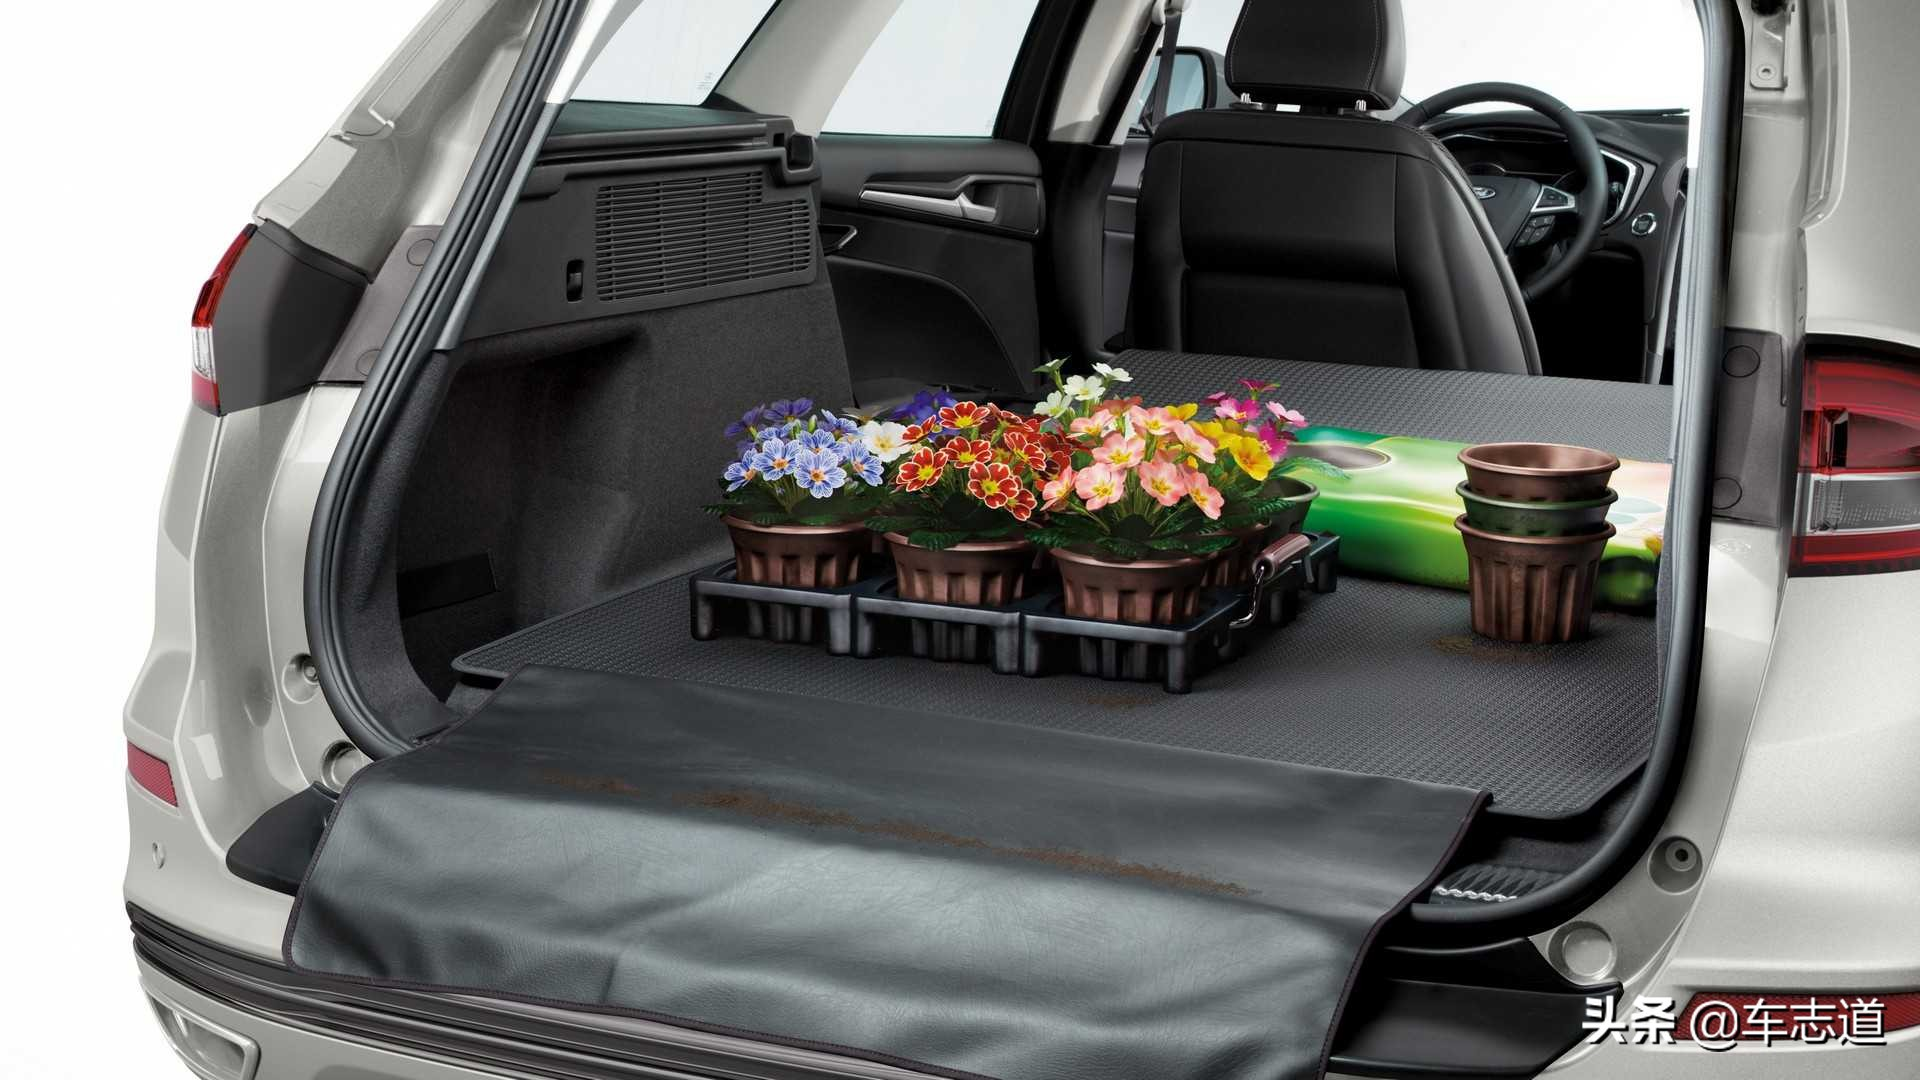 福特公布下一代蒙迪欧渲染图 其中包含旅行车版本